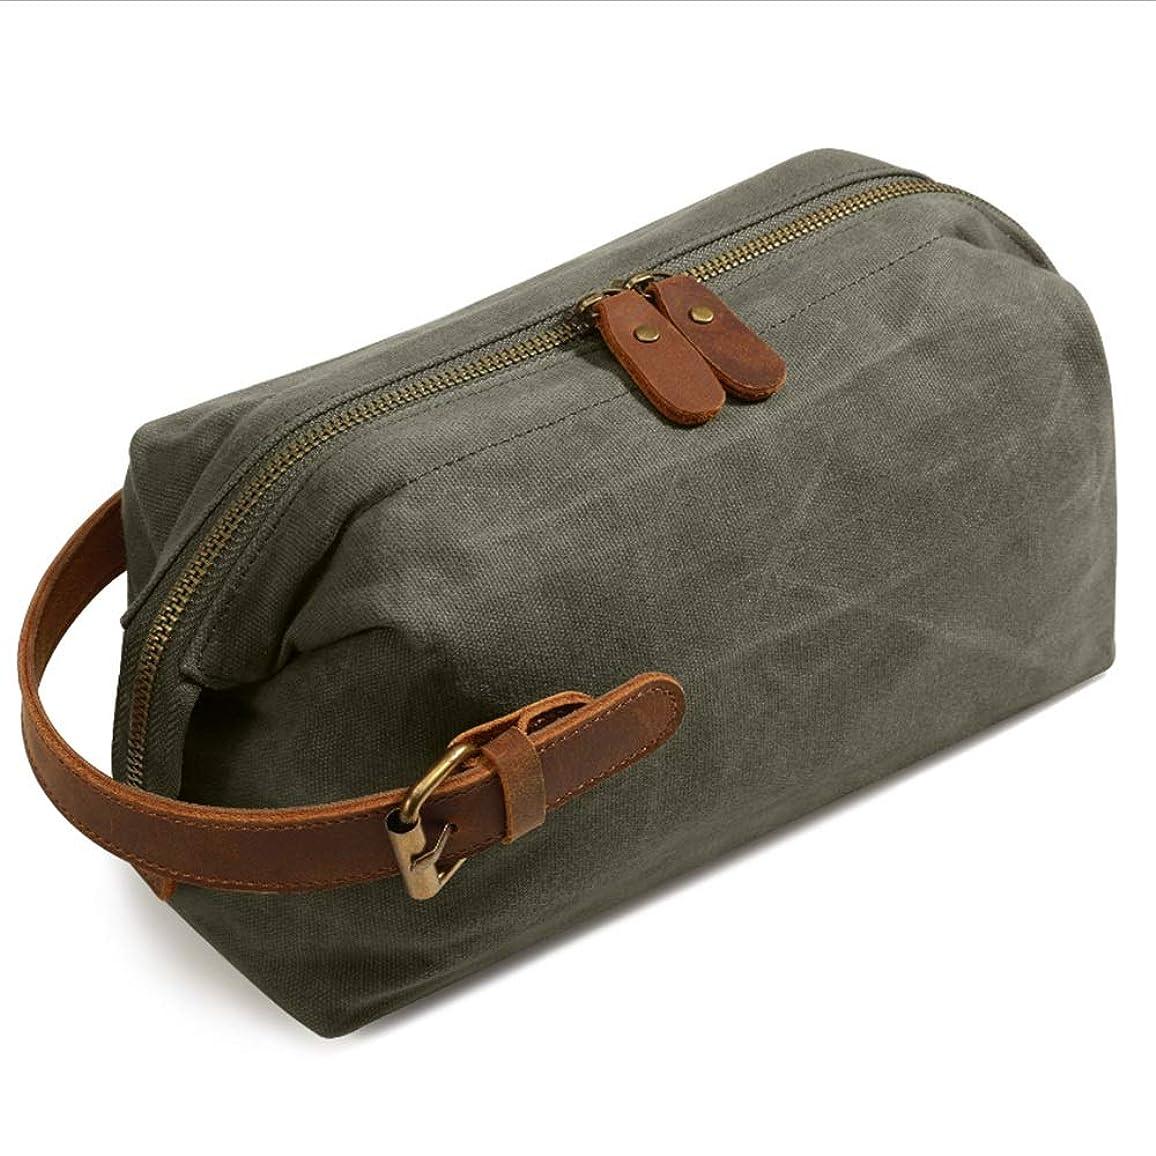 無実教える岩化粧オーガナイザーバッグ ポータブル防水化粧品袋トップジッパーメークアップケーストラベルグリーン 化粧品ケース (色 : 緑)